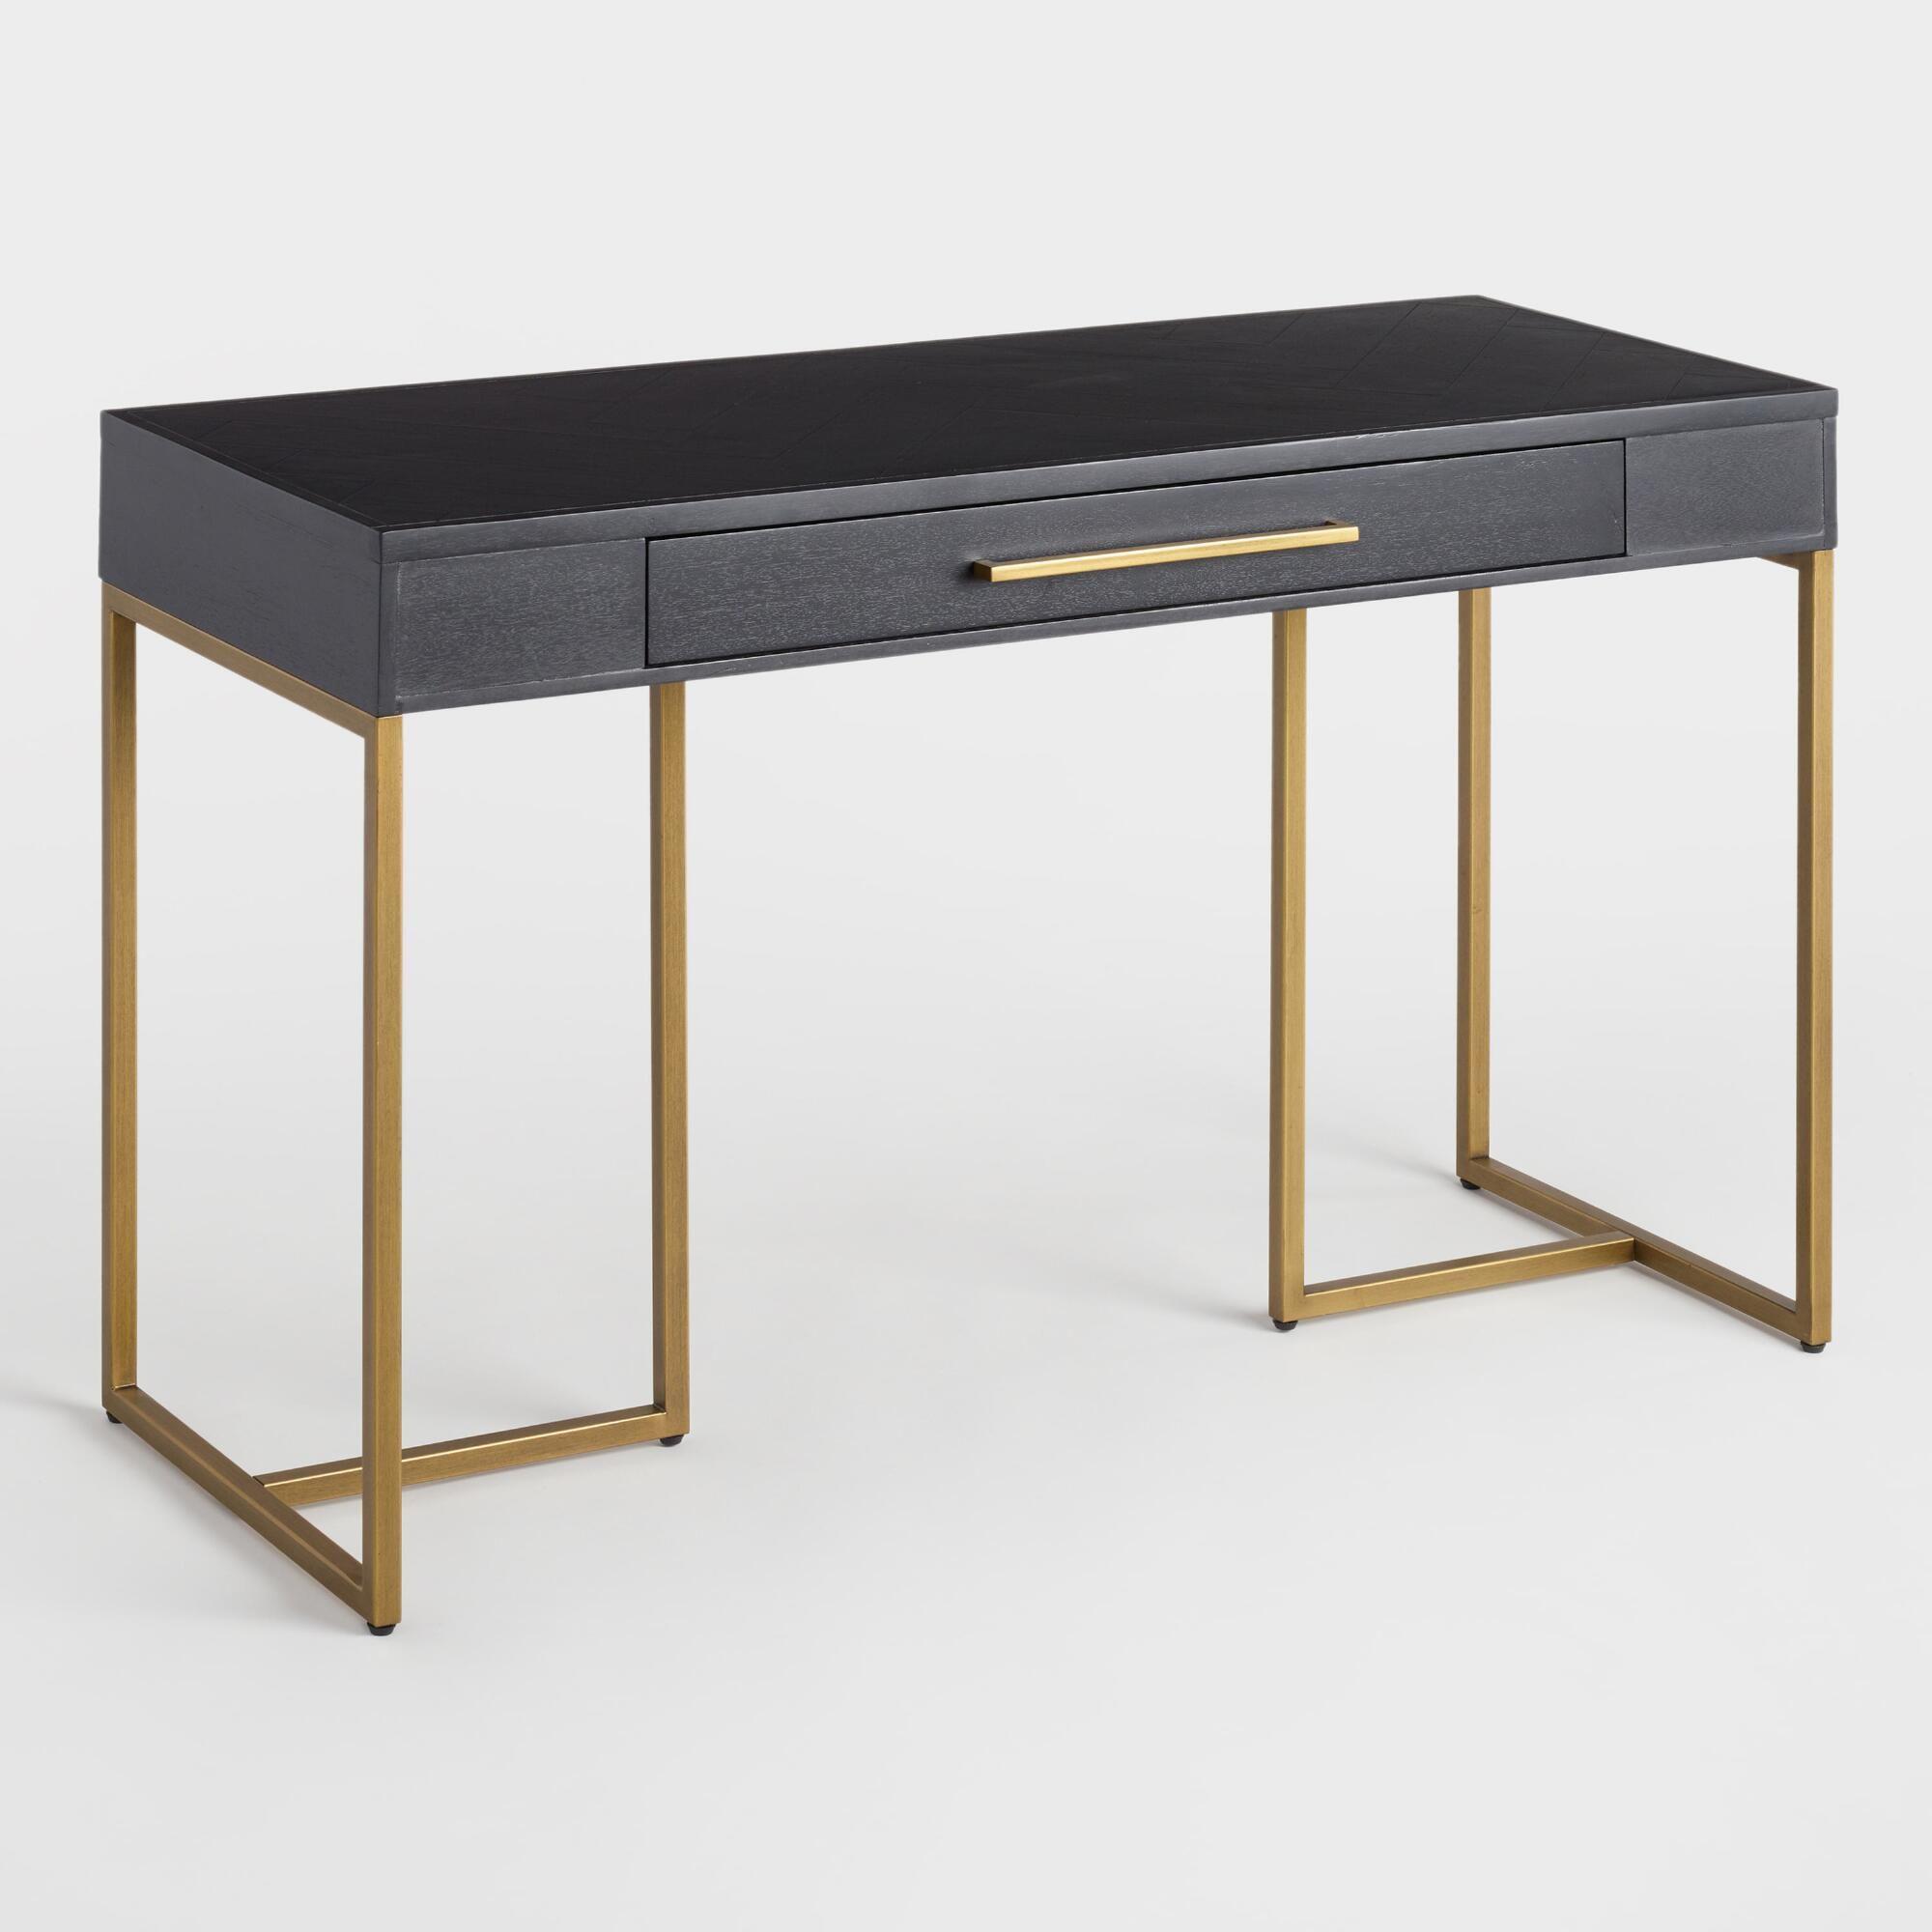 Herringbone Wood Wayde Desk By World Market... By World